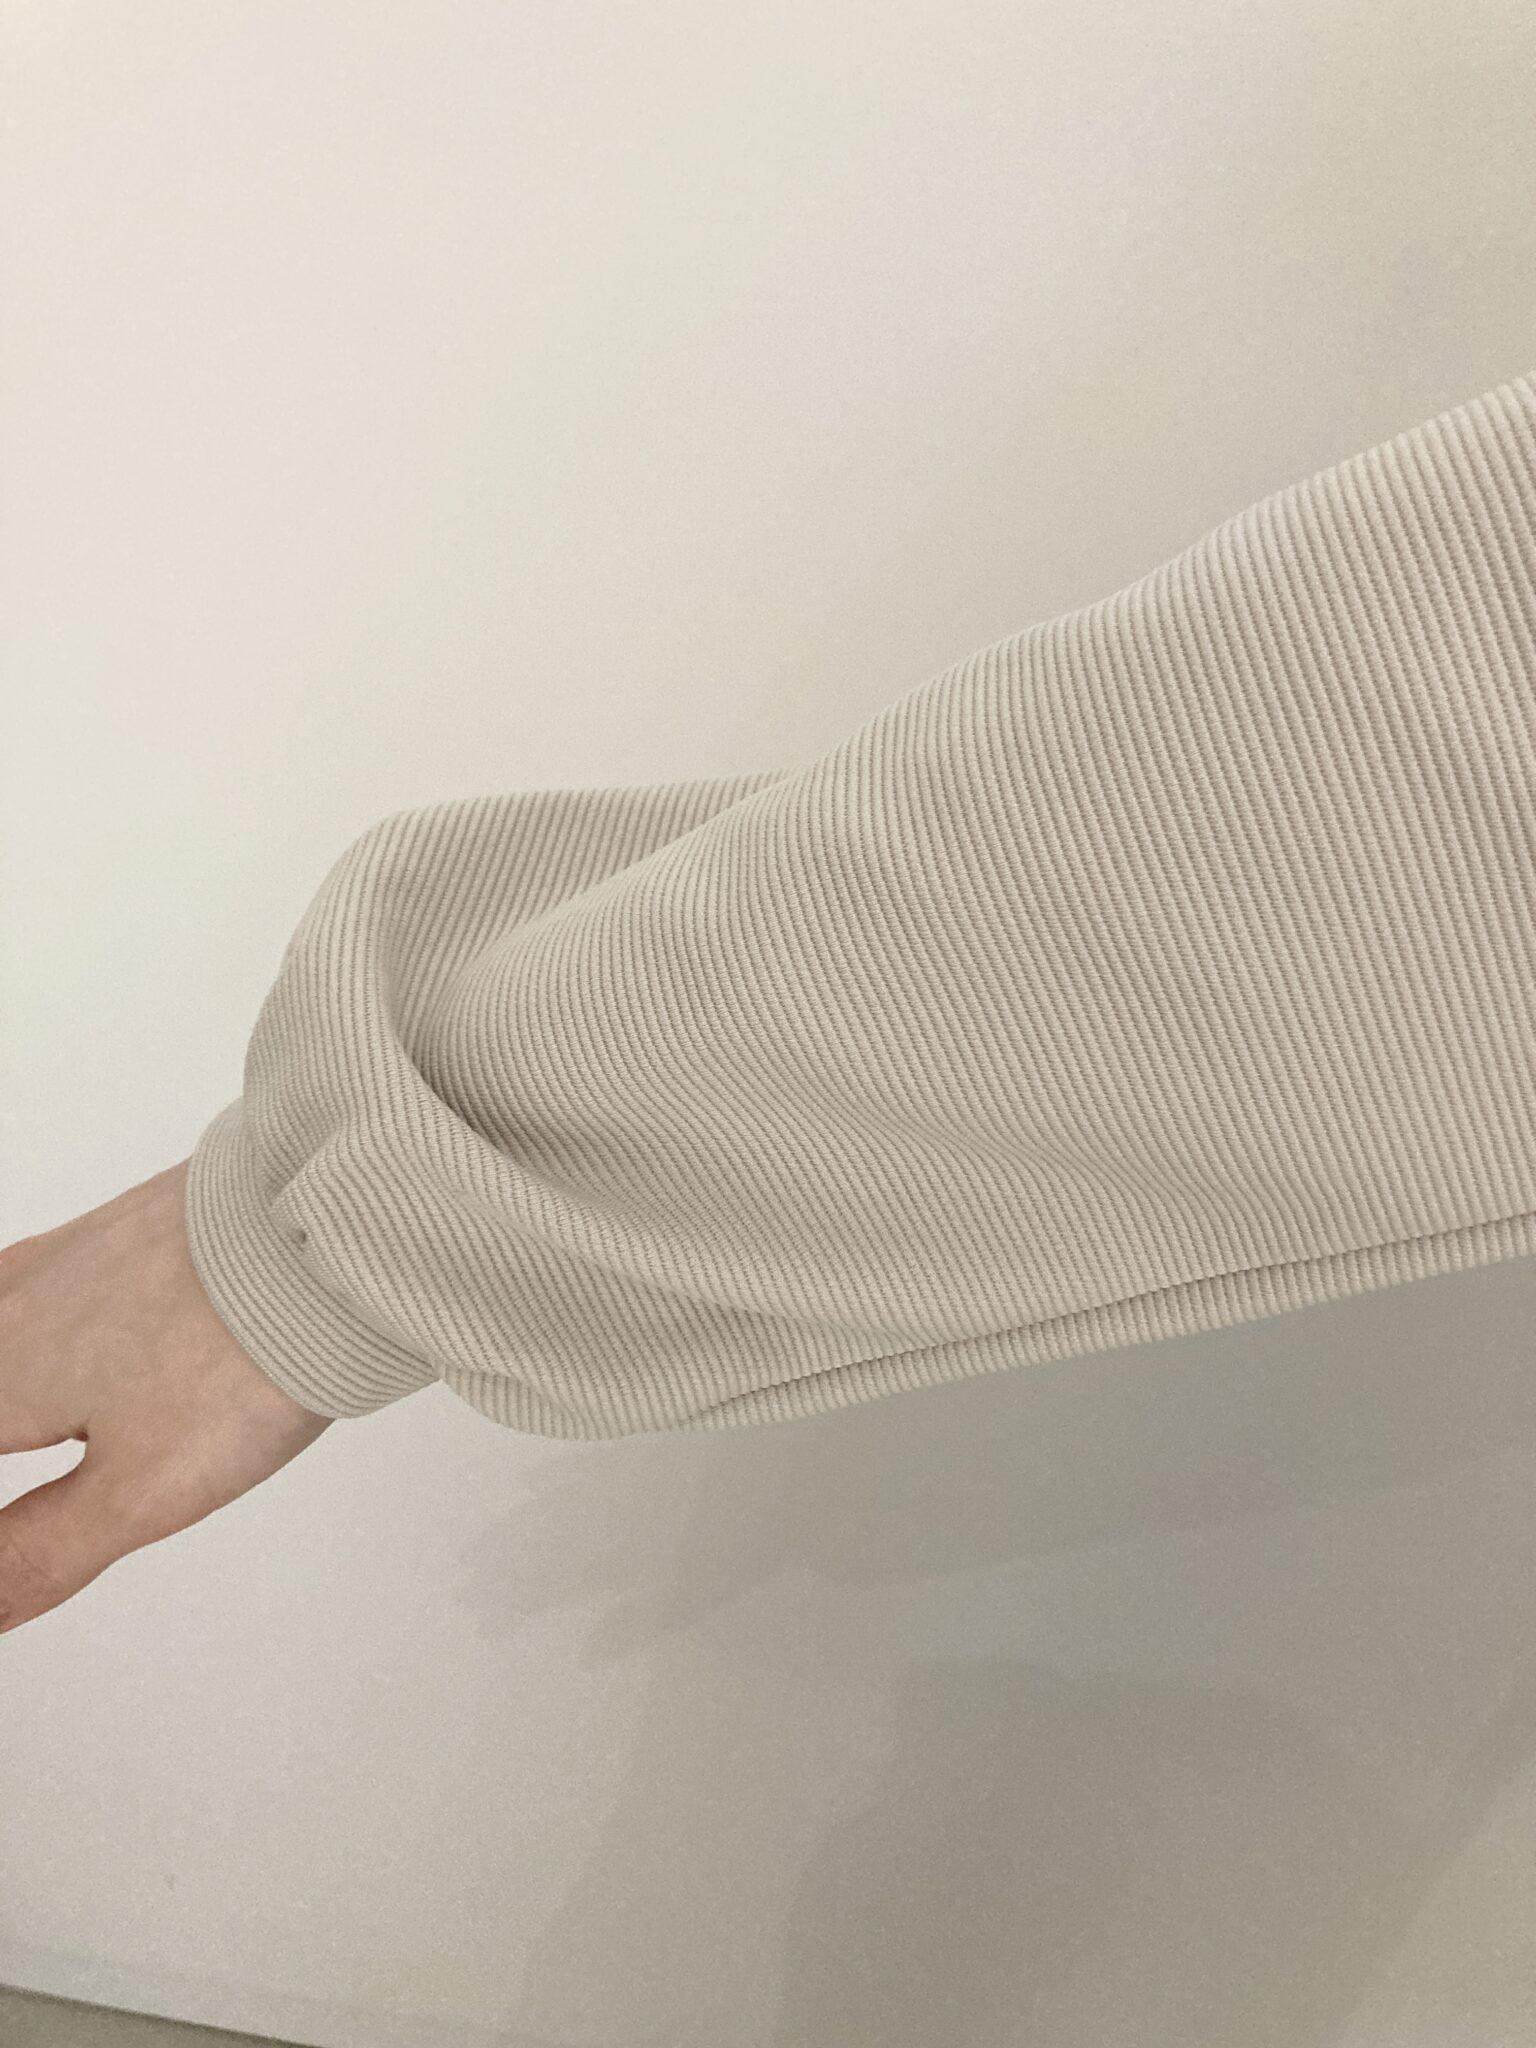 フェリシモIDIT一枚で好印象コーデが完成シックに華やぐドッキングワンピカットソーリップル素材